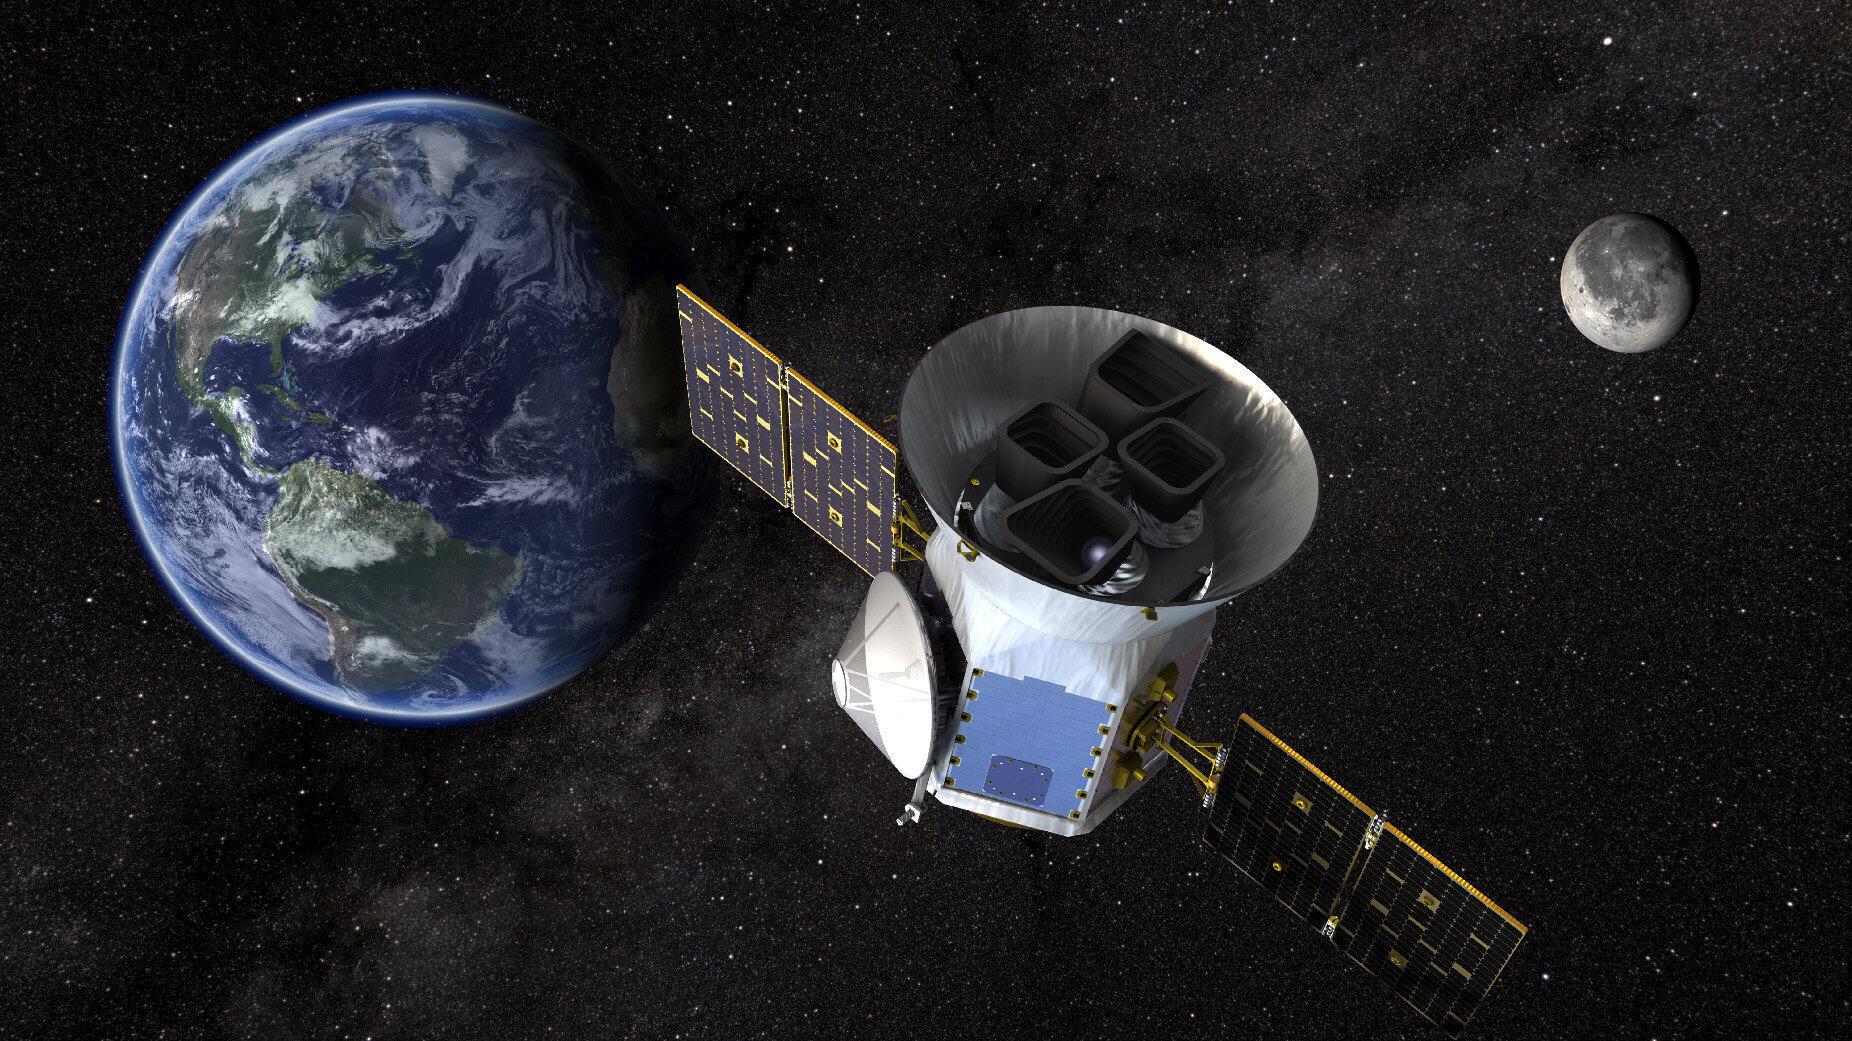 """هدف از ماموریت ماهواره """"تس"""" تهیه مجموعهای از اطلاعات است که سایر تلسکوپهای قدرتمند میتوانند آنها را برای درک بهتر رصد کنند."""